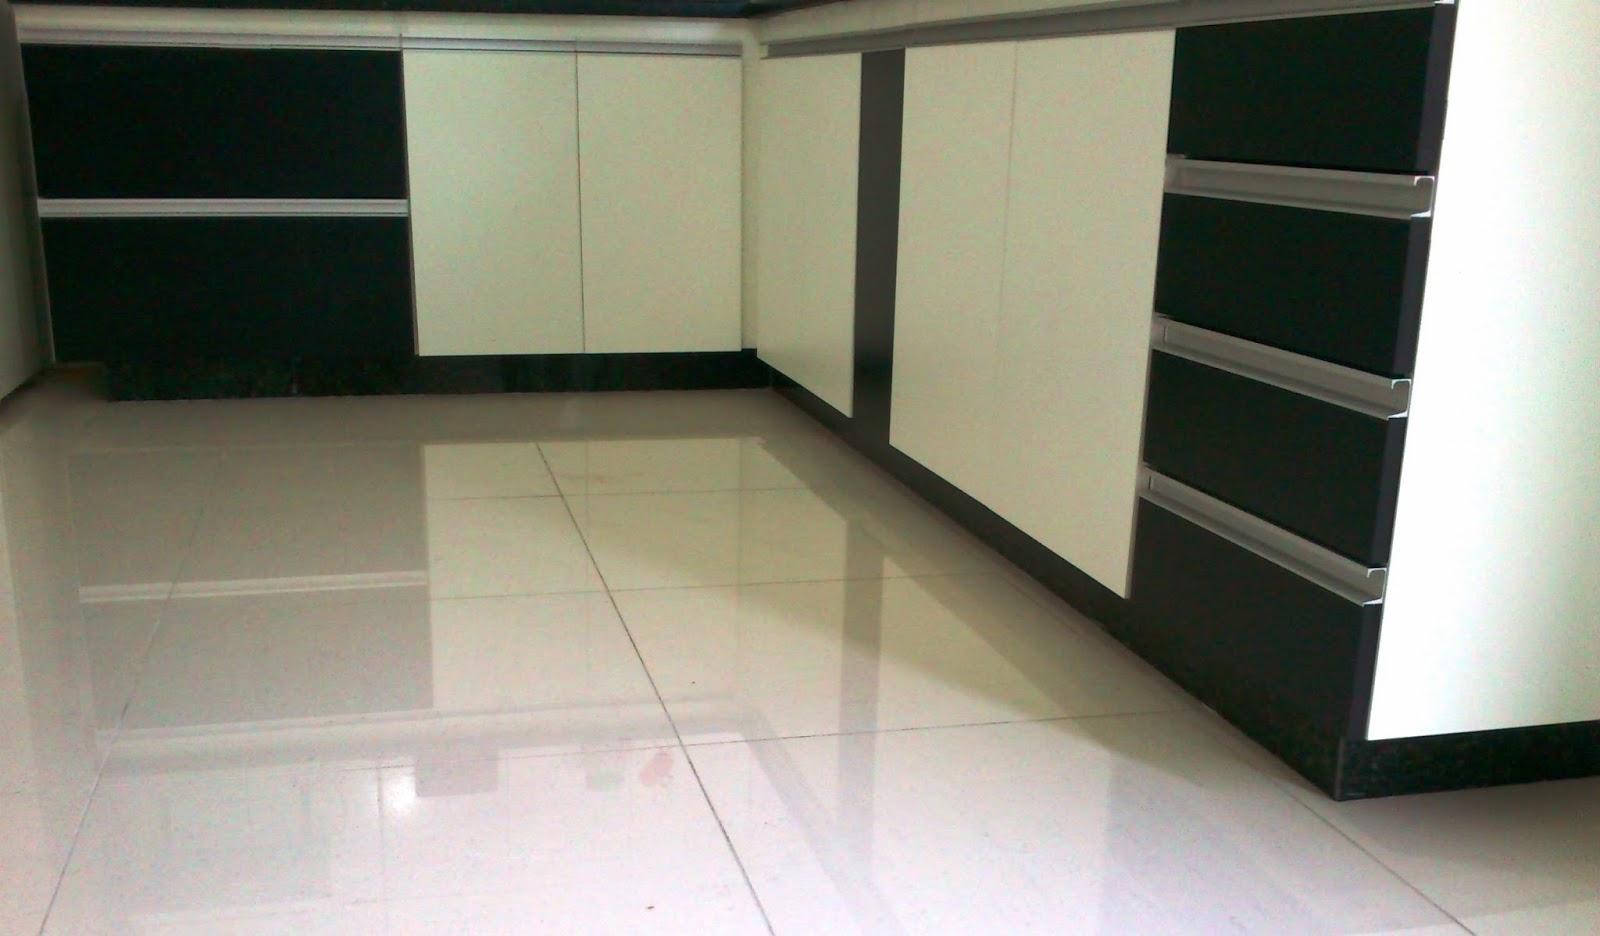 Armário para Cozinha (Padrão Branco e Preto) Portas e Frentes de  #776C54 1600x936 Armario Para Banheiro Branco E Preto